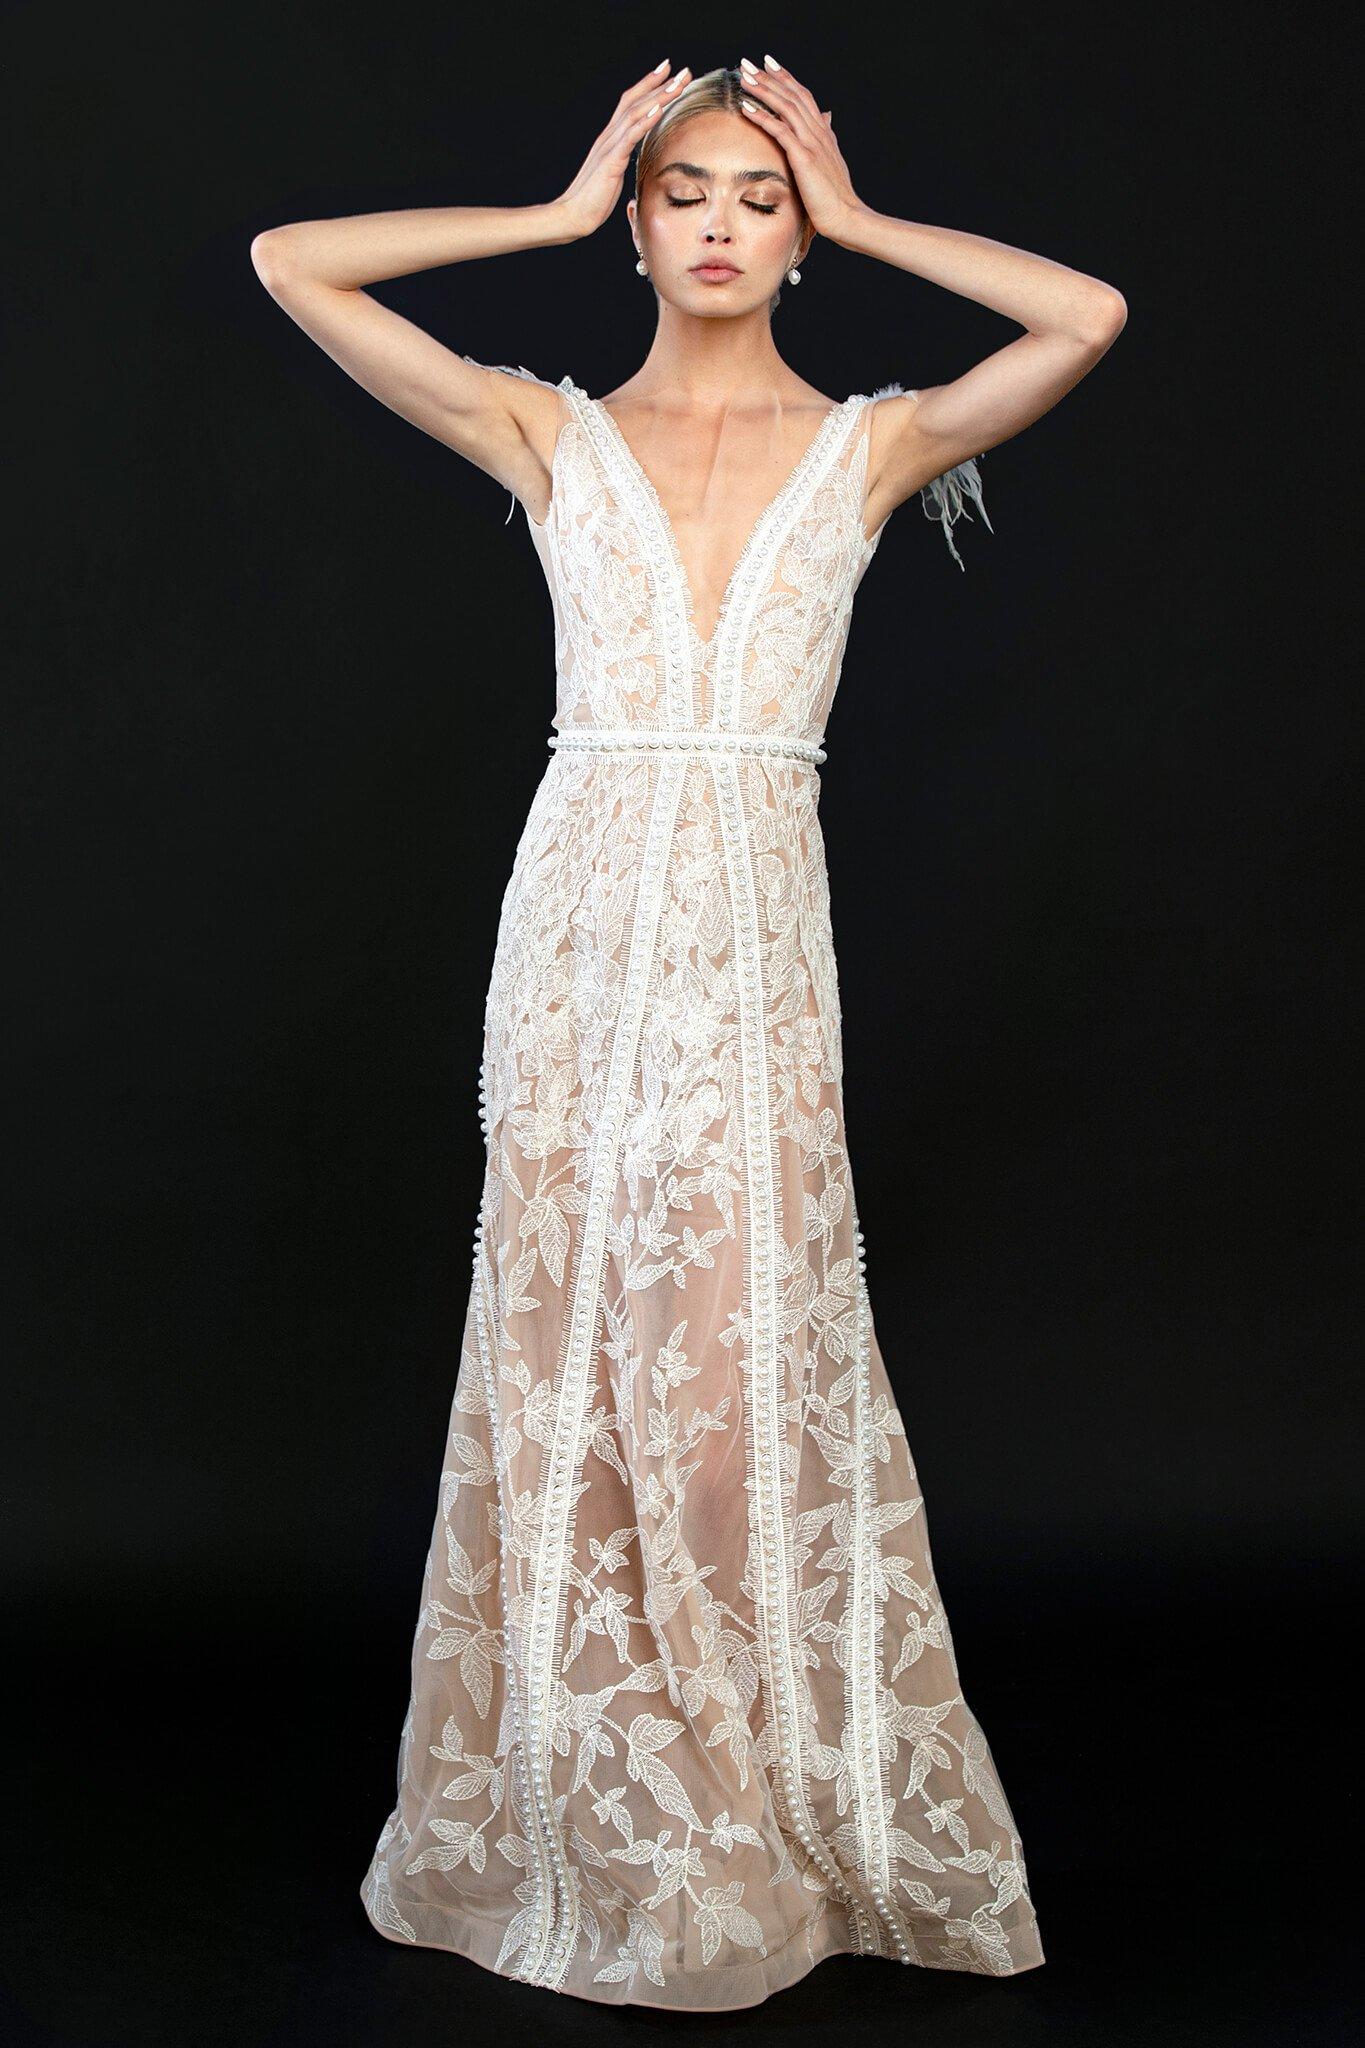 rochie-din-tulle-de-matase-cu-broderie-manuala-din-bumbac-perle-si-pene-1-colectia-sfera-by-aida-lorena-atelier